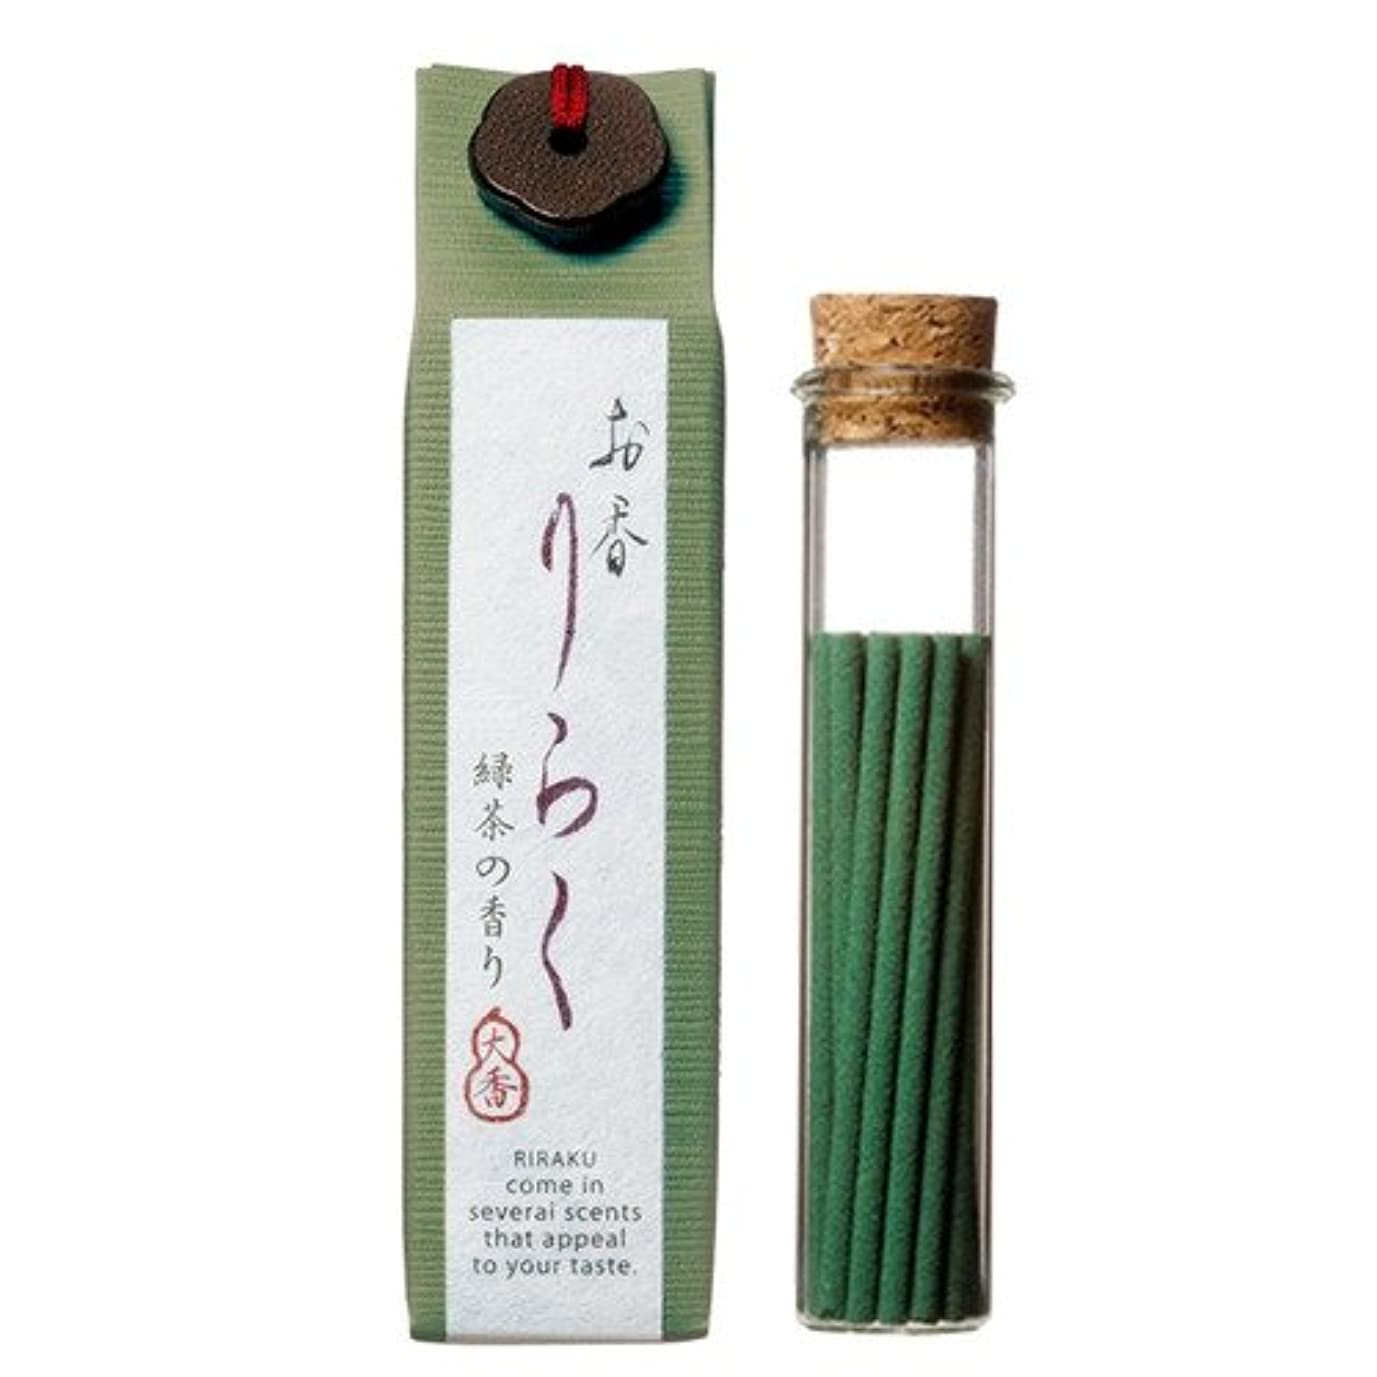 ブース雇用蒸留お香 りらく 緑茶 15本入